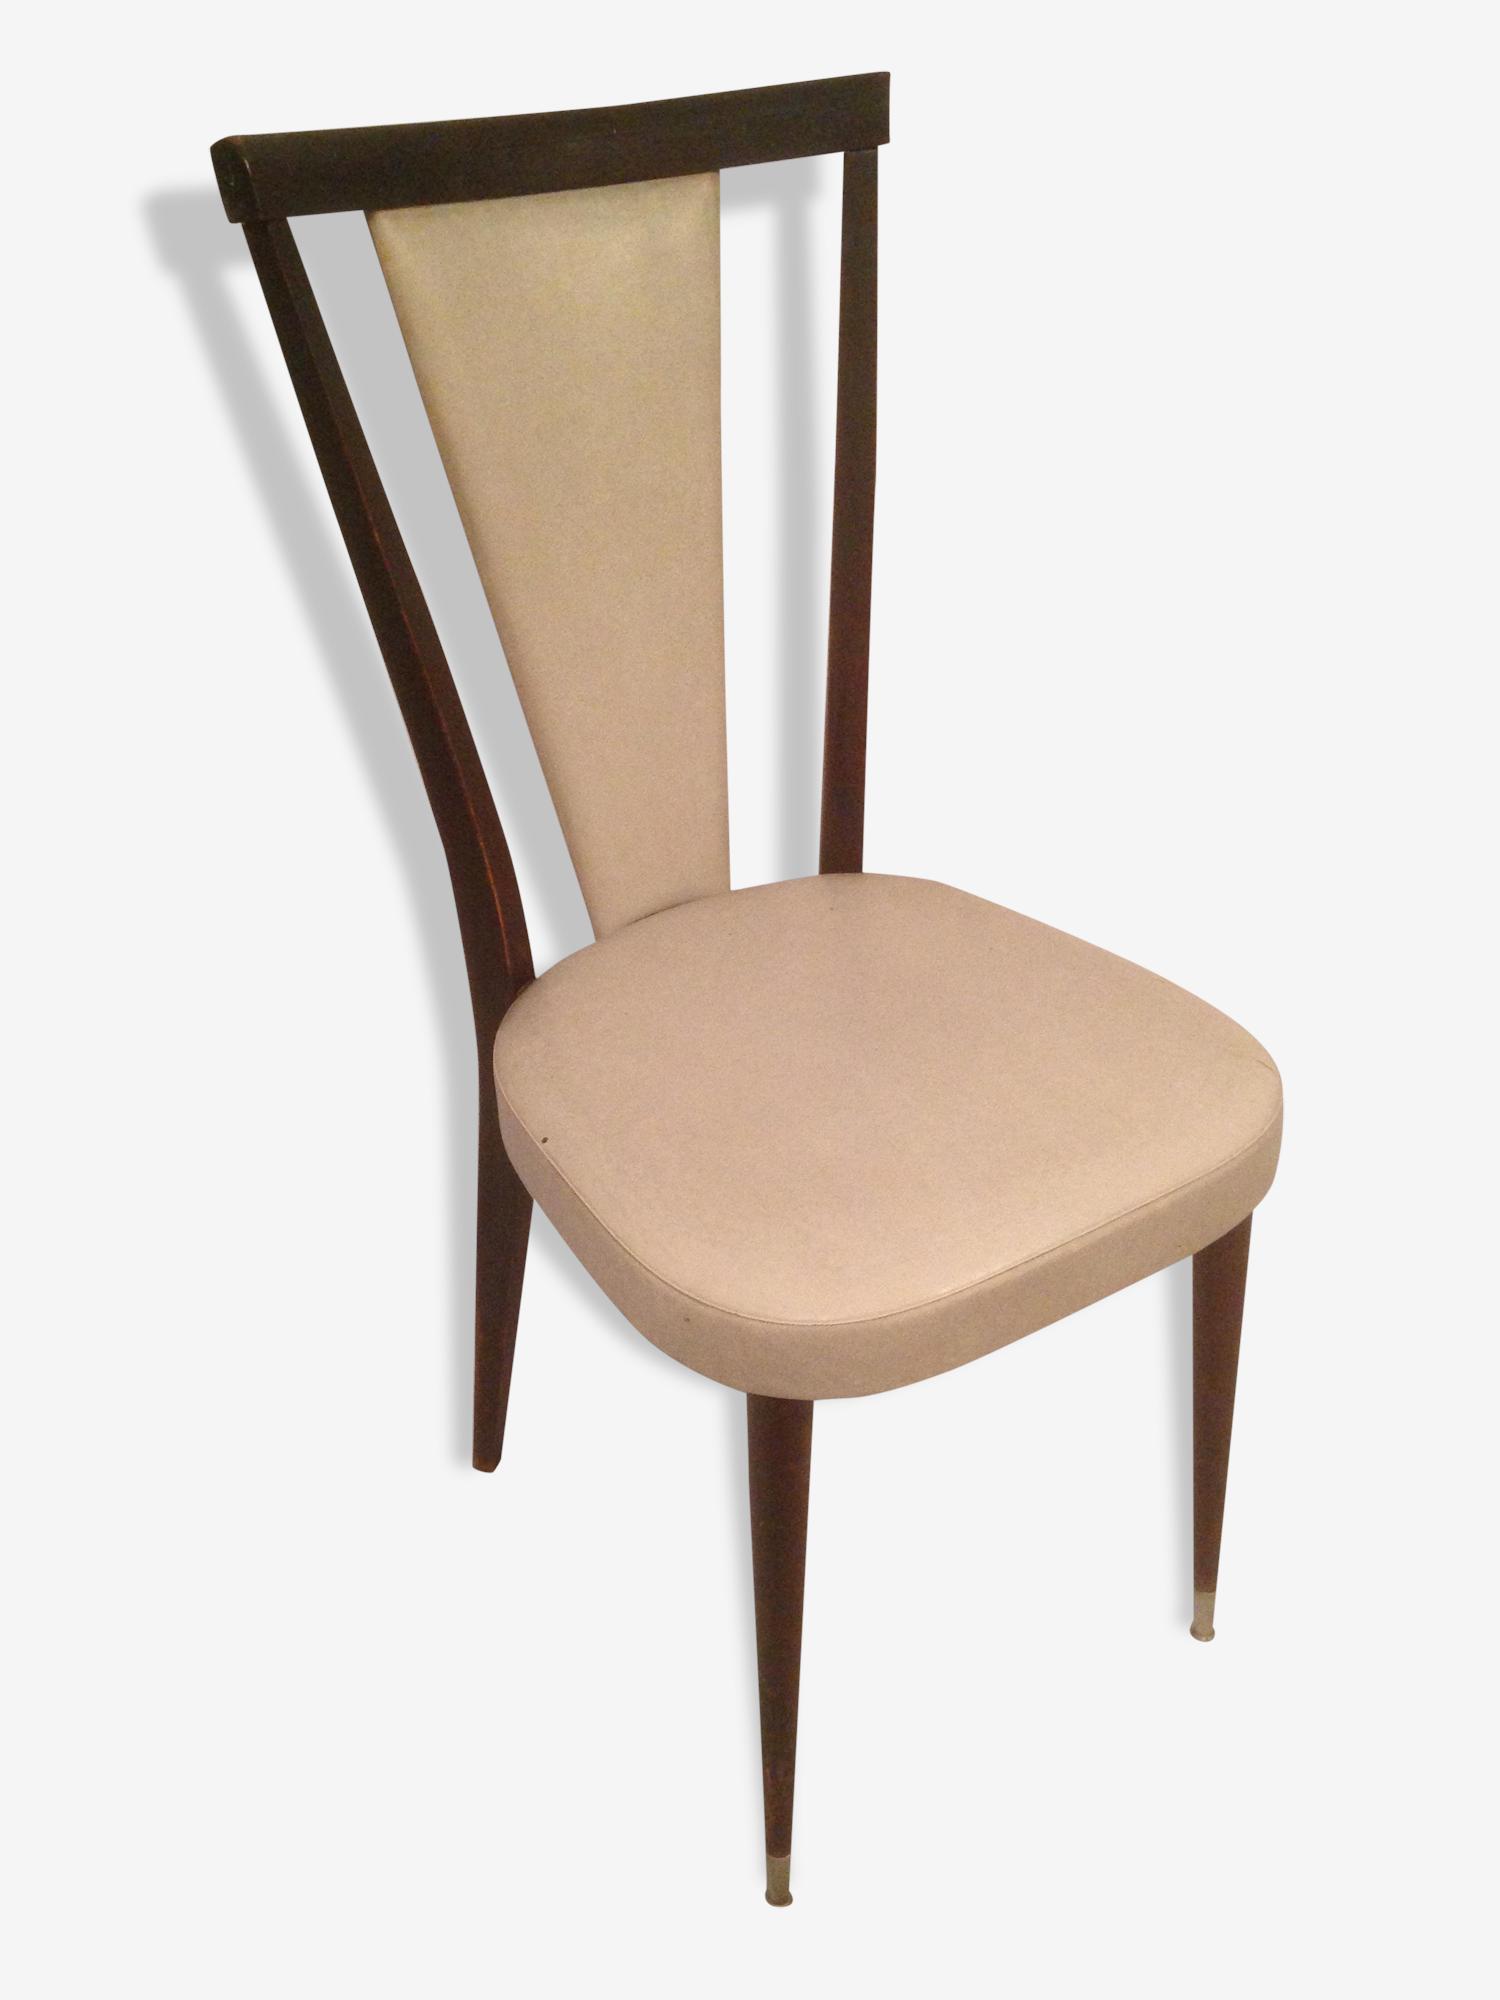 Chaise Ancienne Bois & Cuir Gris Pied pas Vintage Année 70 cuir